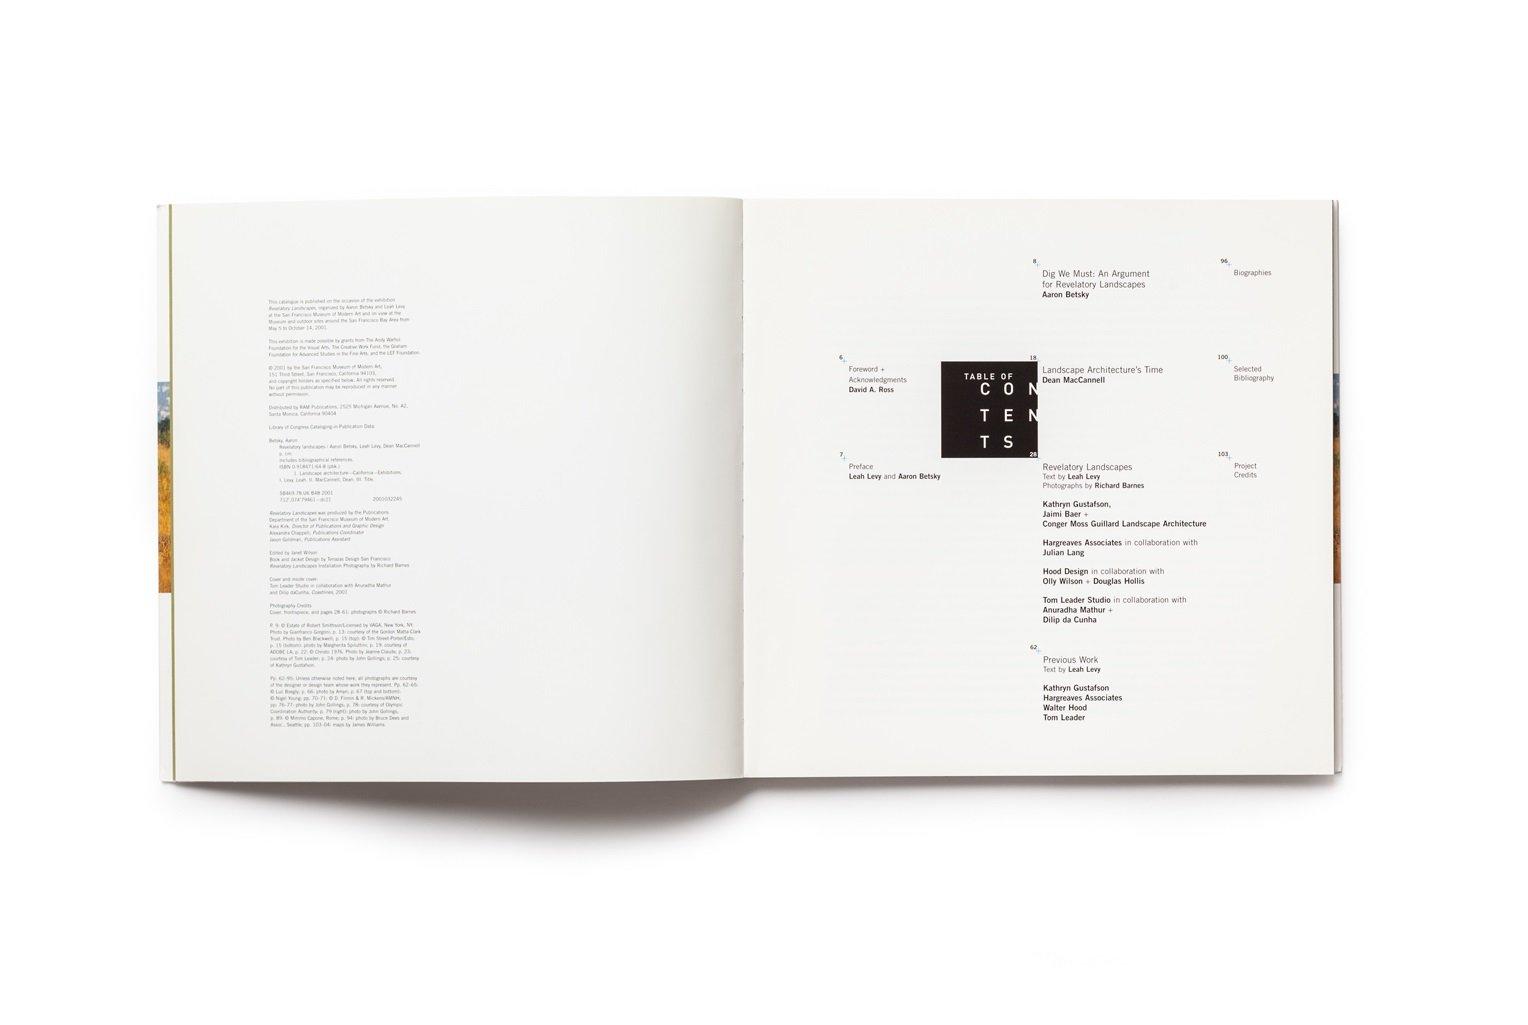 Revelatory Landscapes publication table of contents